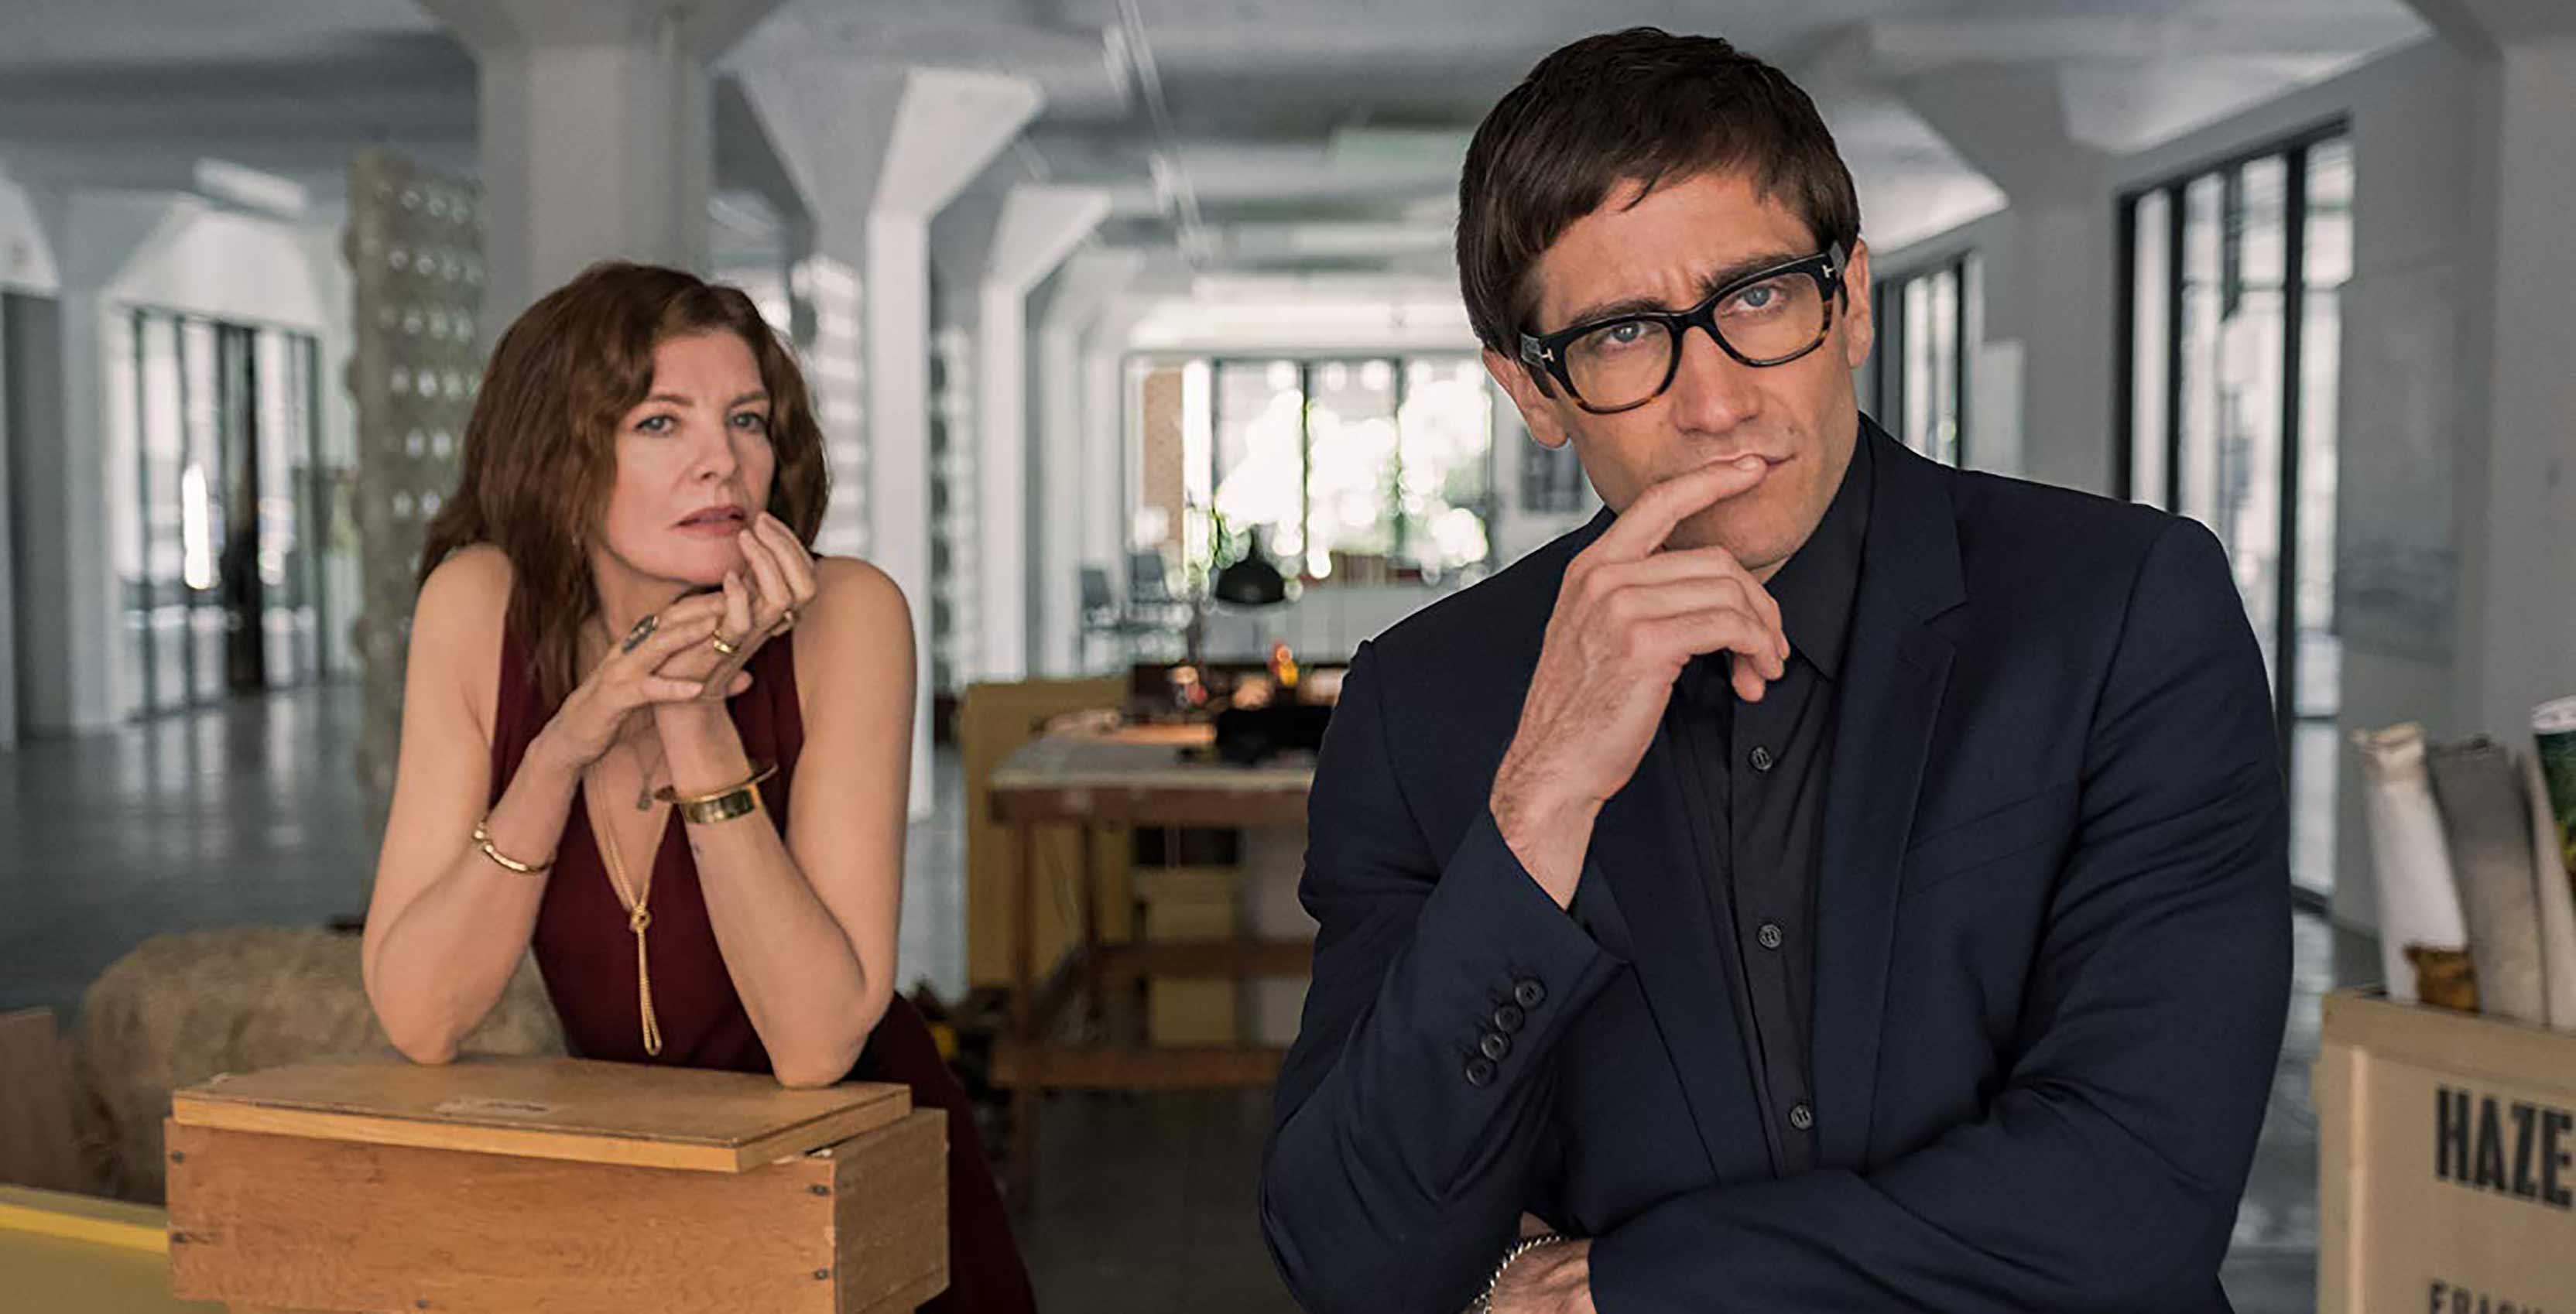 Jake Gyllenhaal and Rene Russo in Velvet Buzzsaw